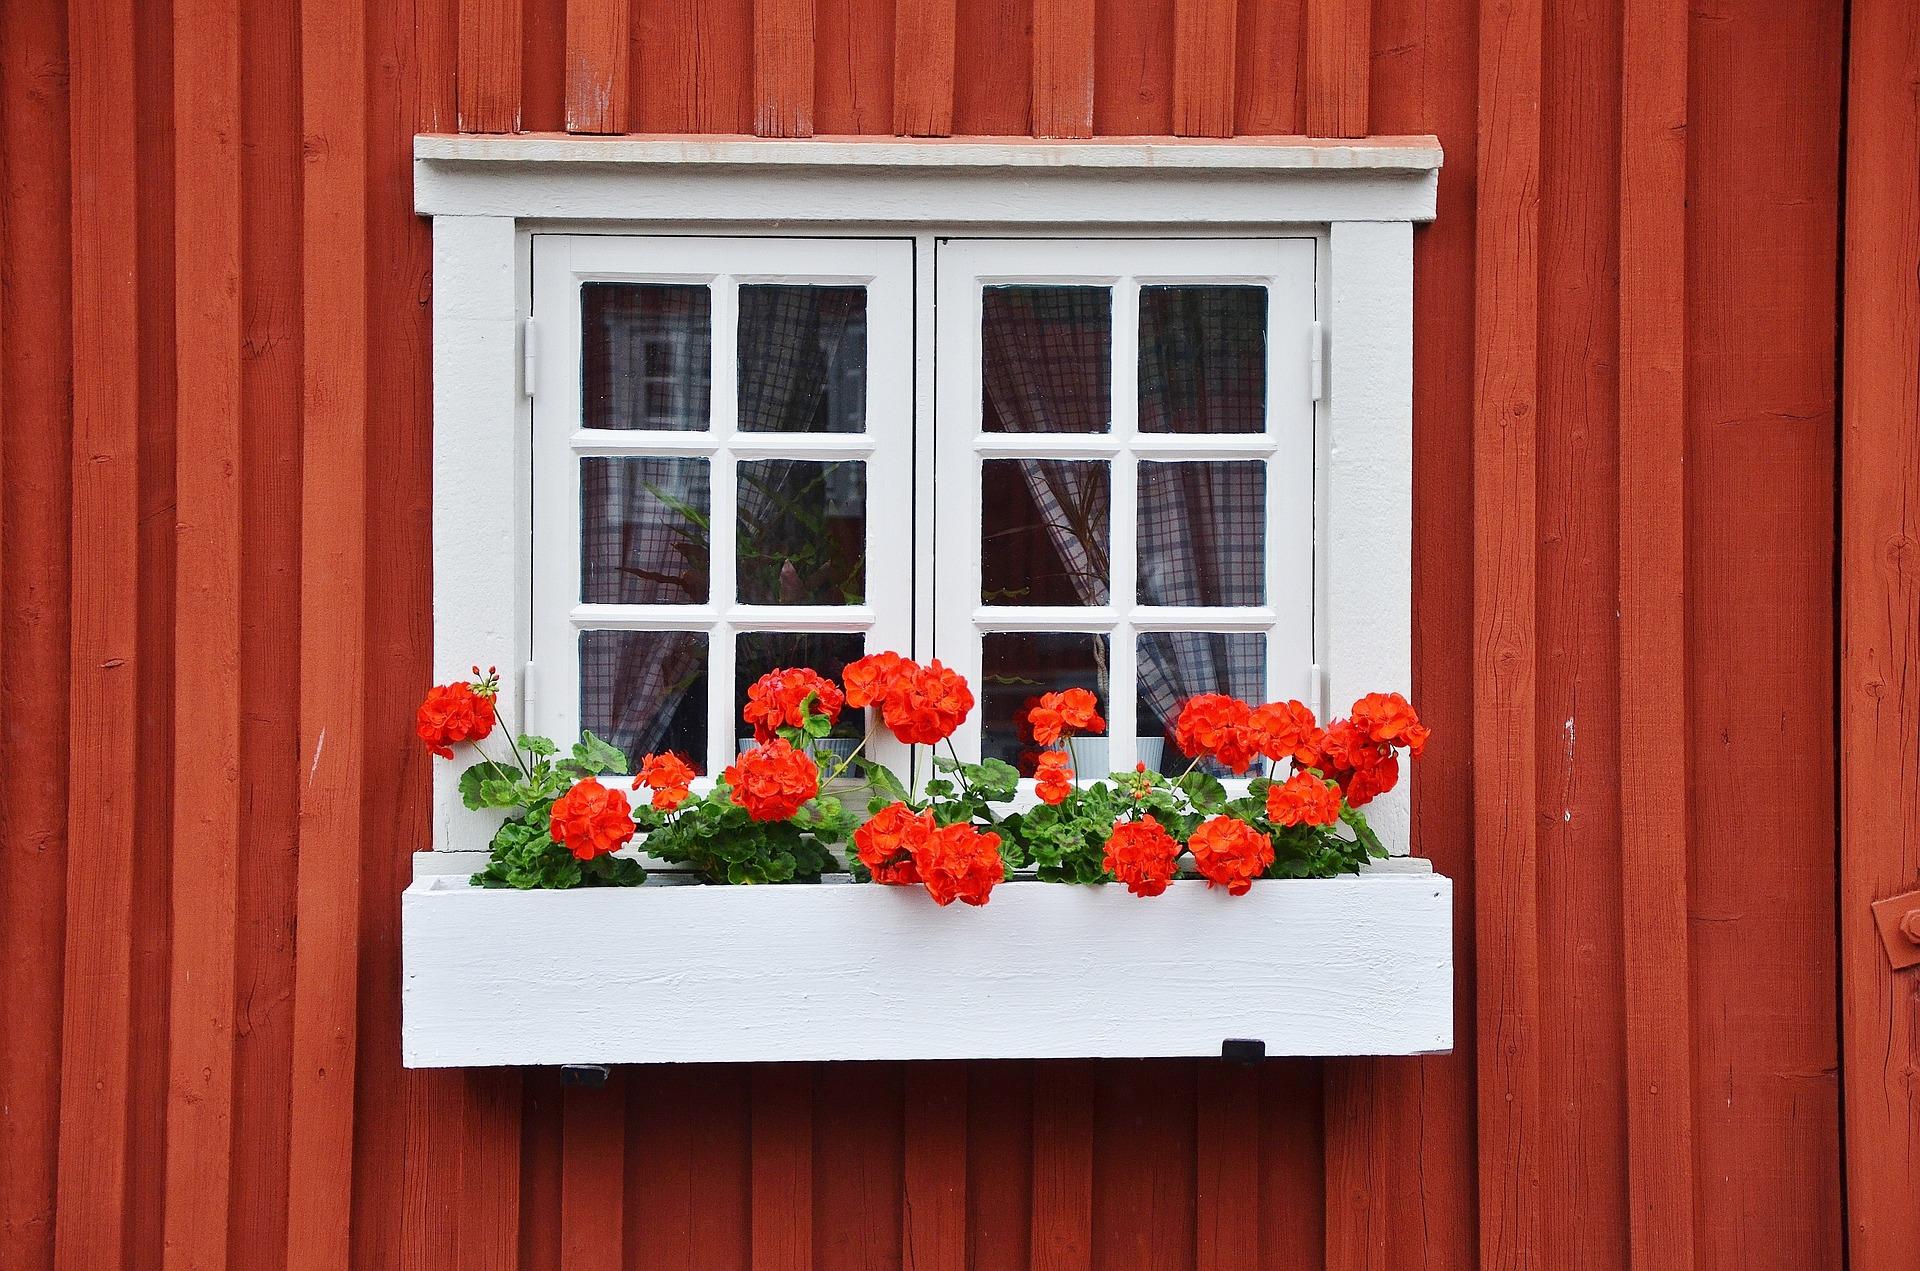 деревянные окна прекрасно сочетаются с цветами